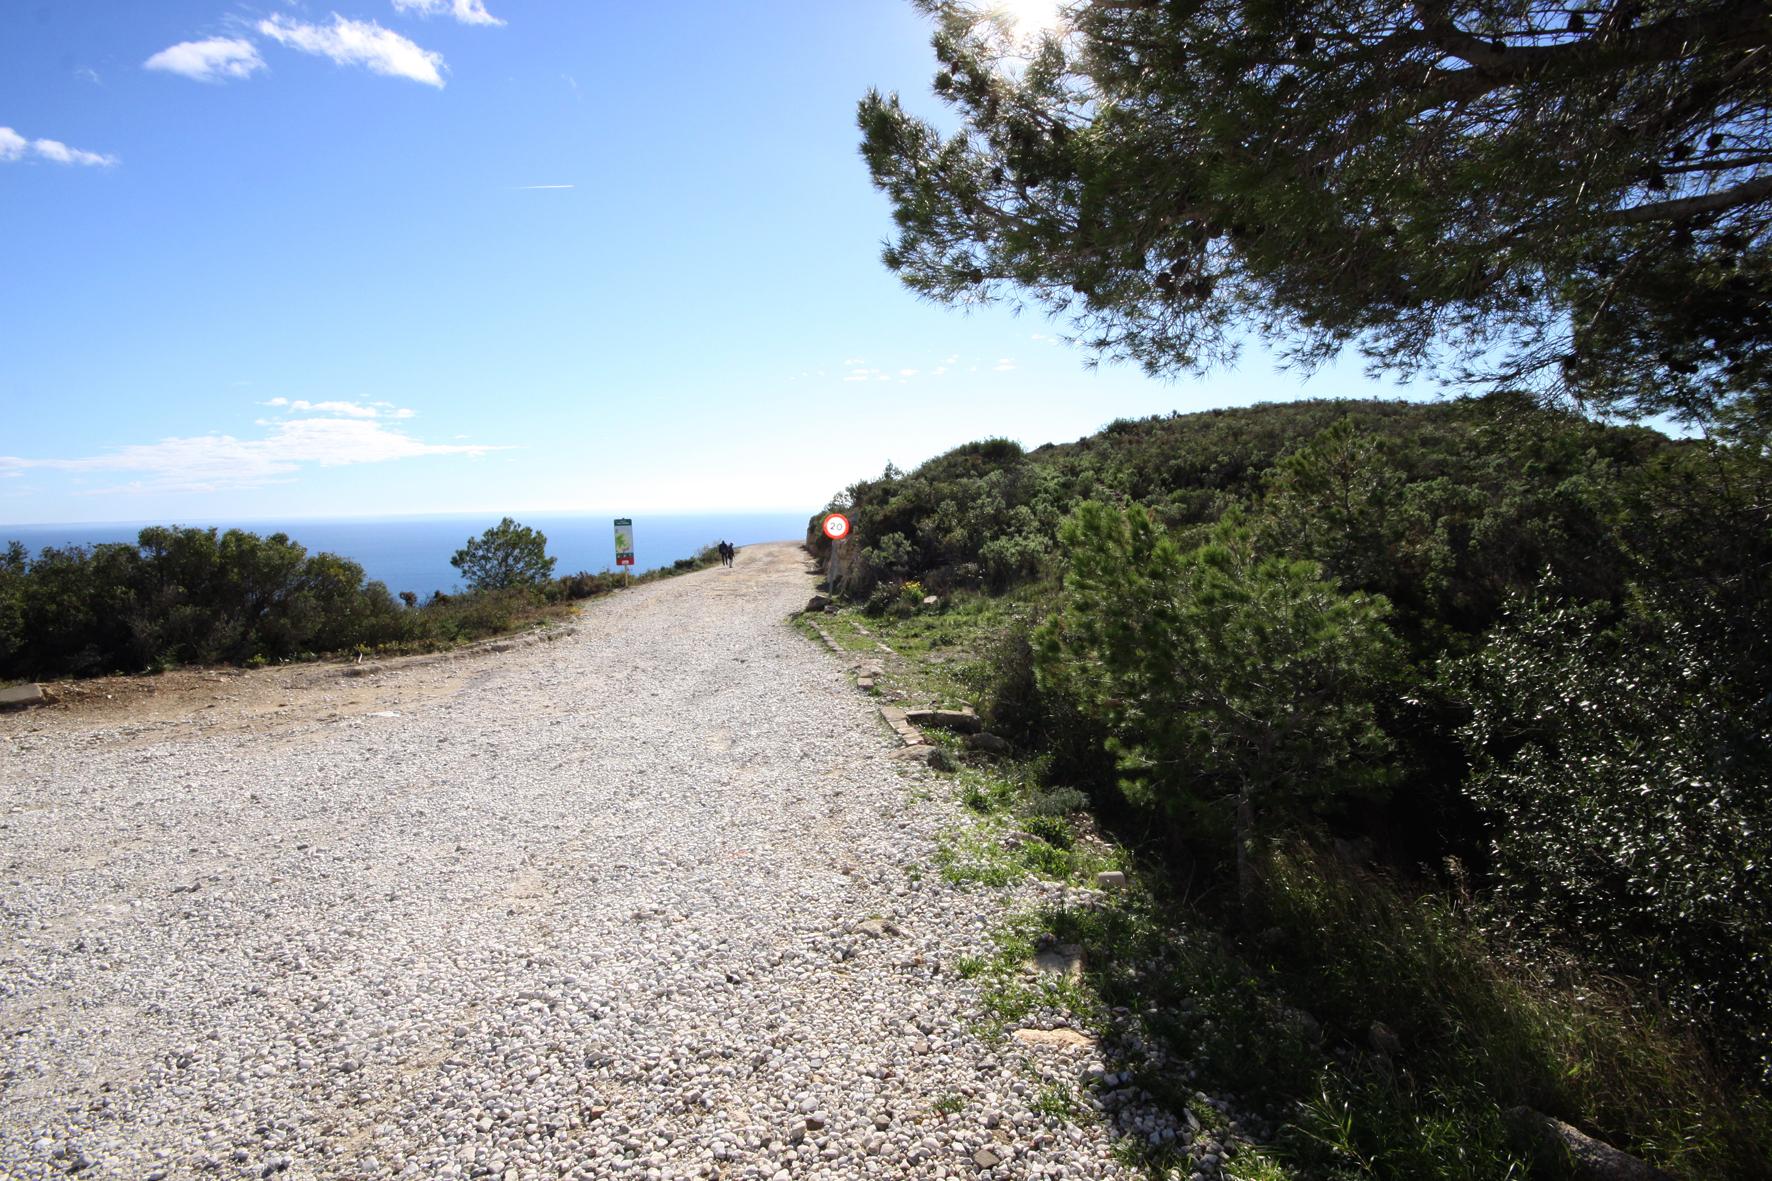 Roses millora el seu entorn paisatgístic amb un mirador a la carretera de Montjoi i més seguretat als accessos